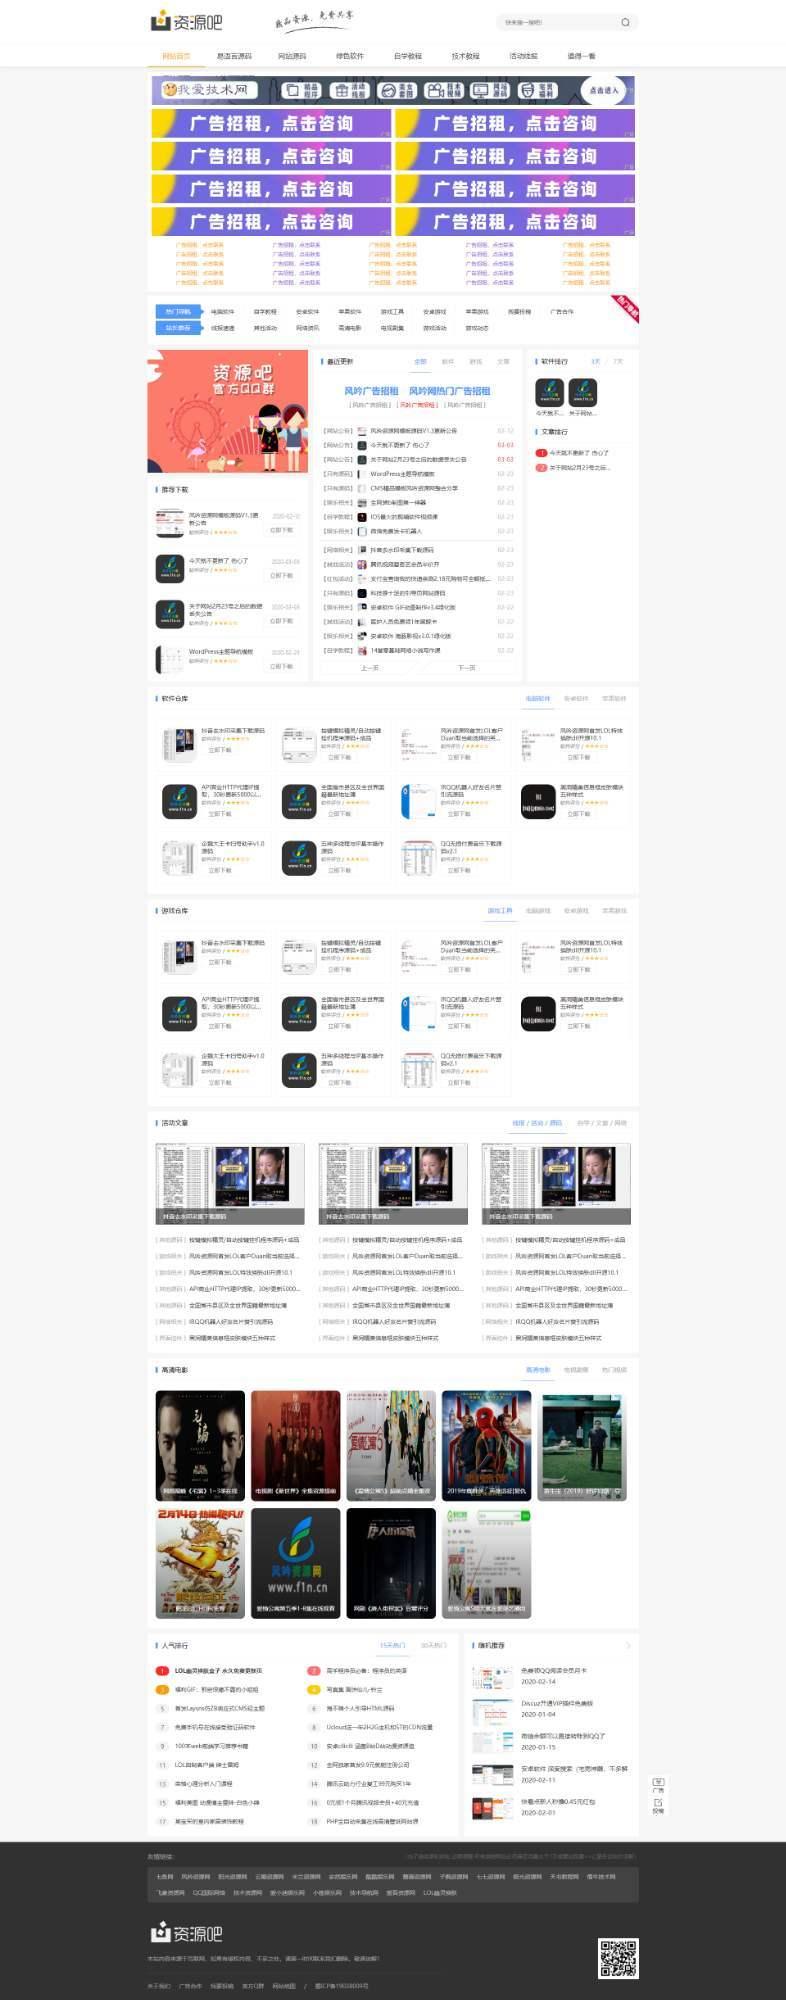 资源吧网站模板织梦CMS精仿资源吧网站模板插图